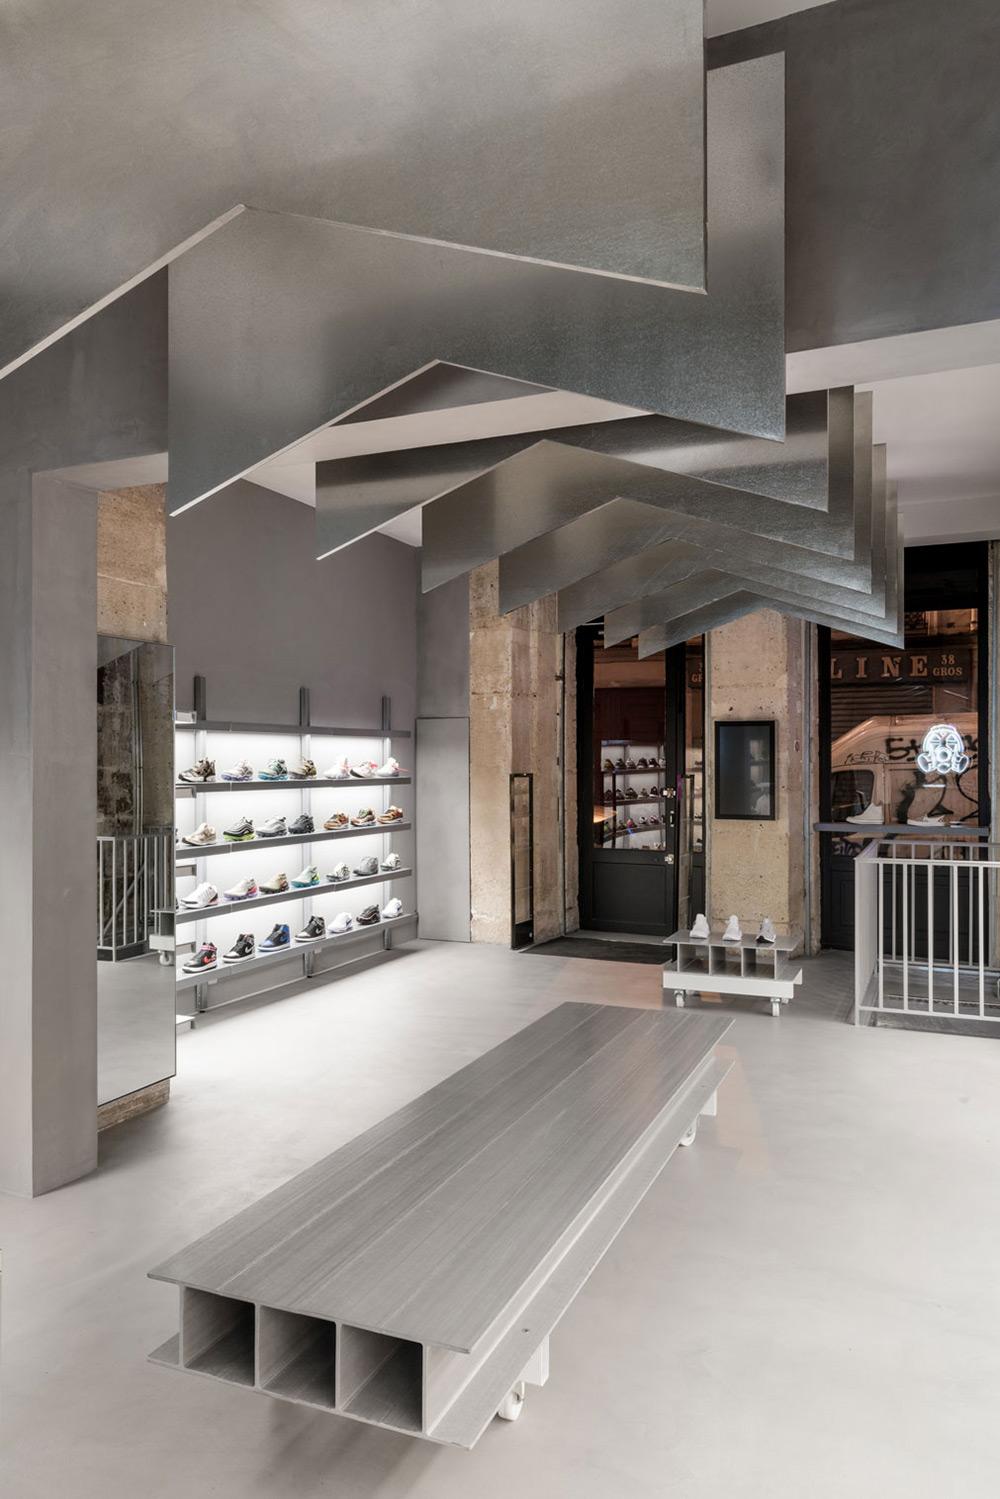 Footpatrol-Paris-Store-Images-Blog-6.jpg